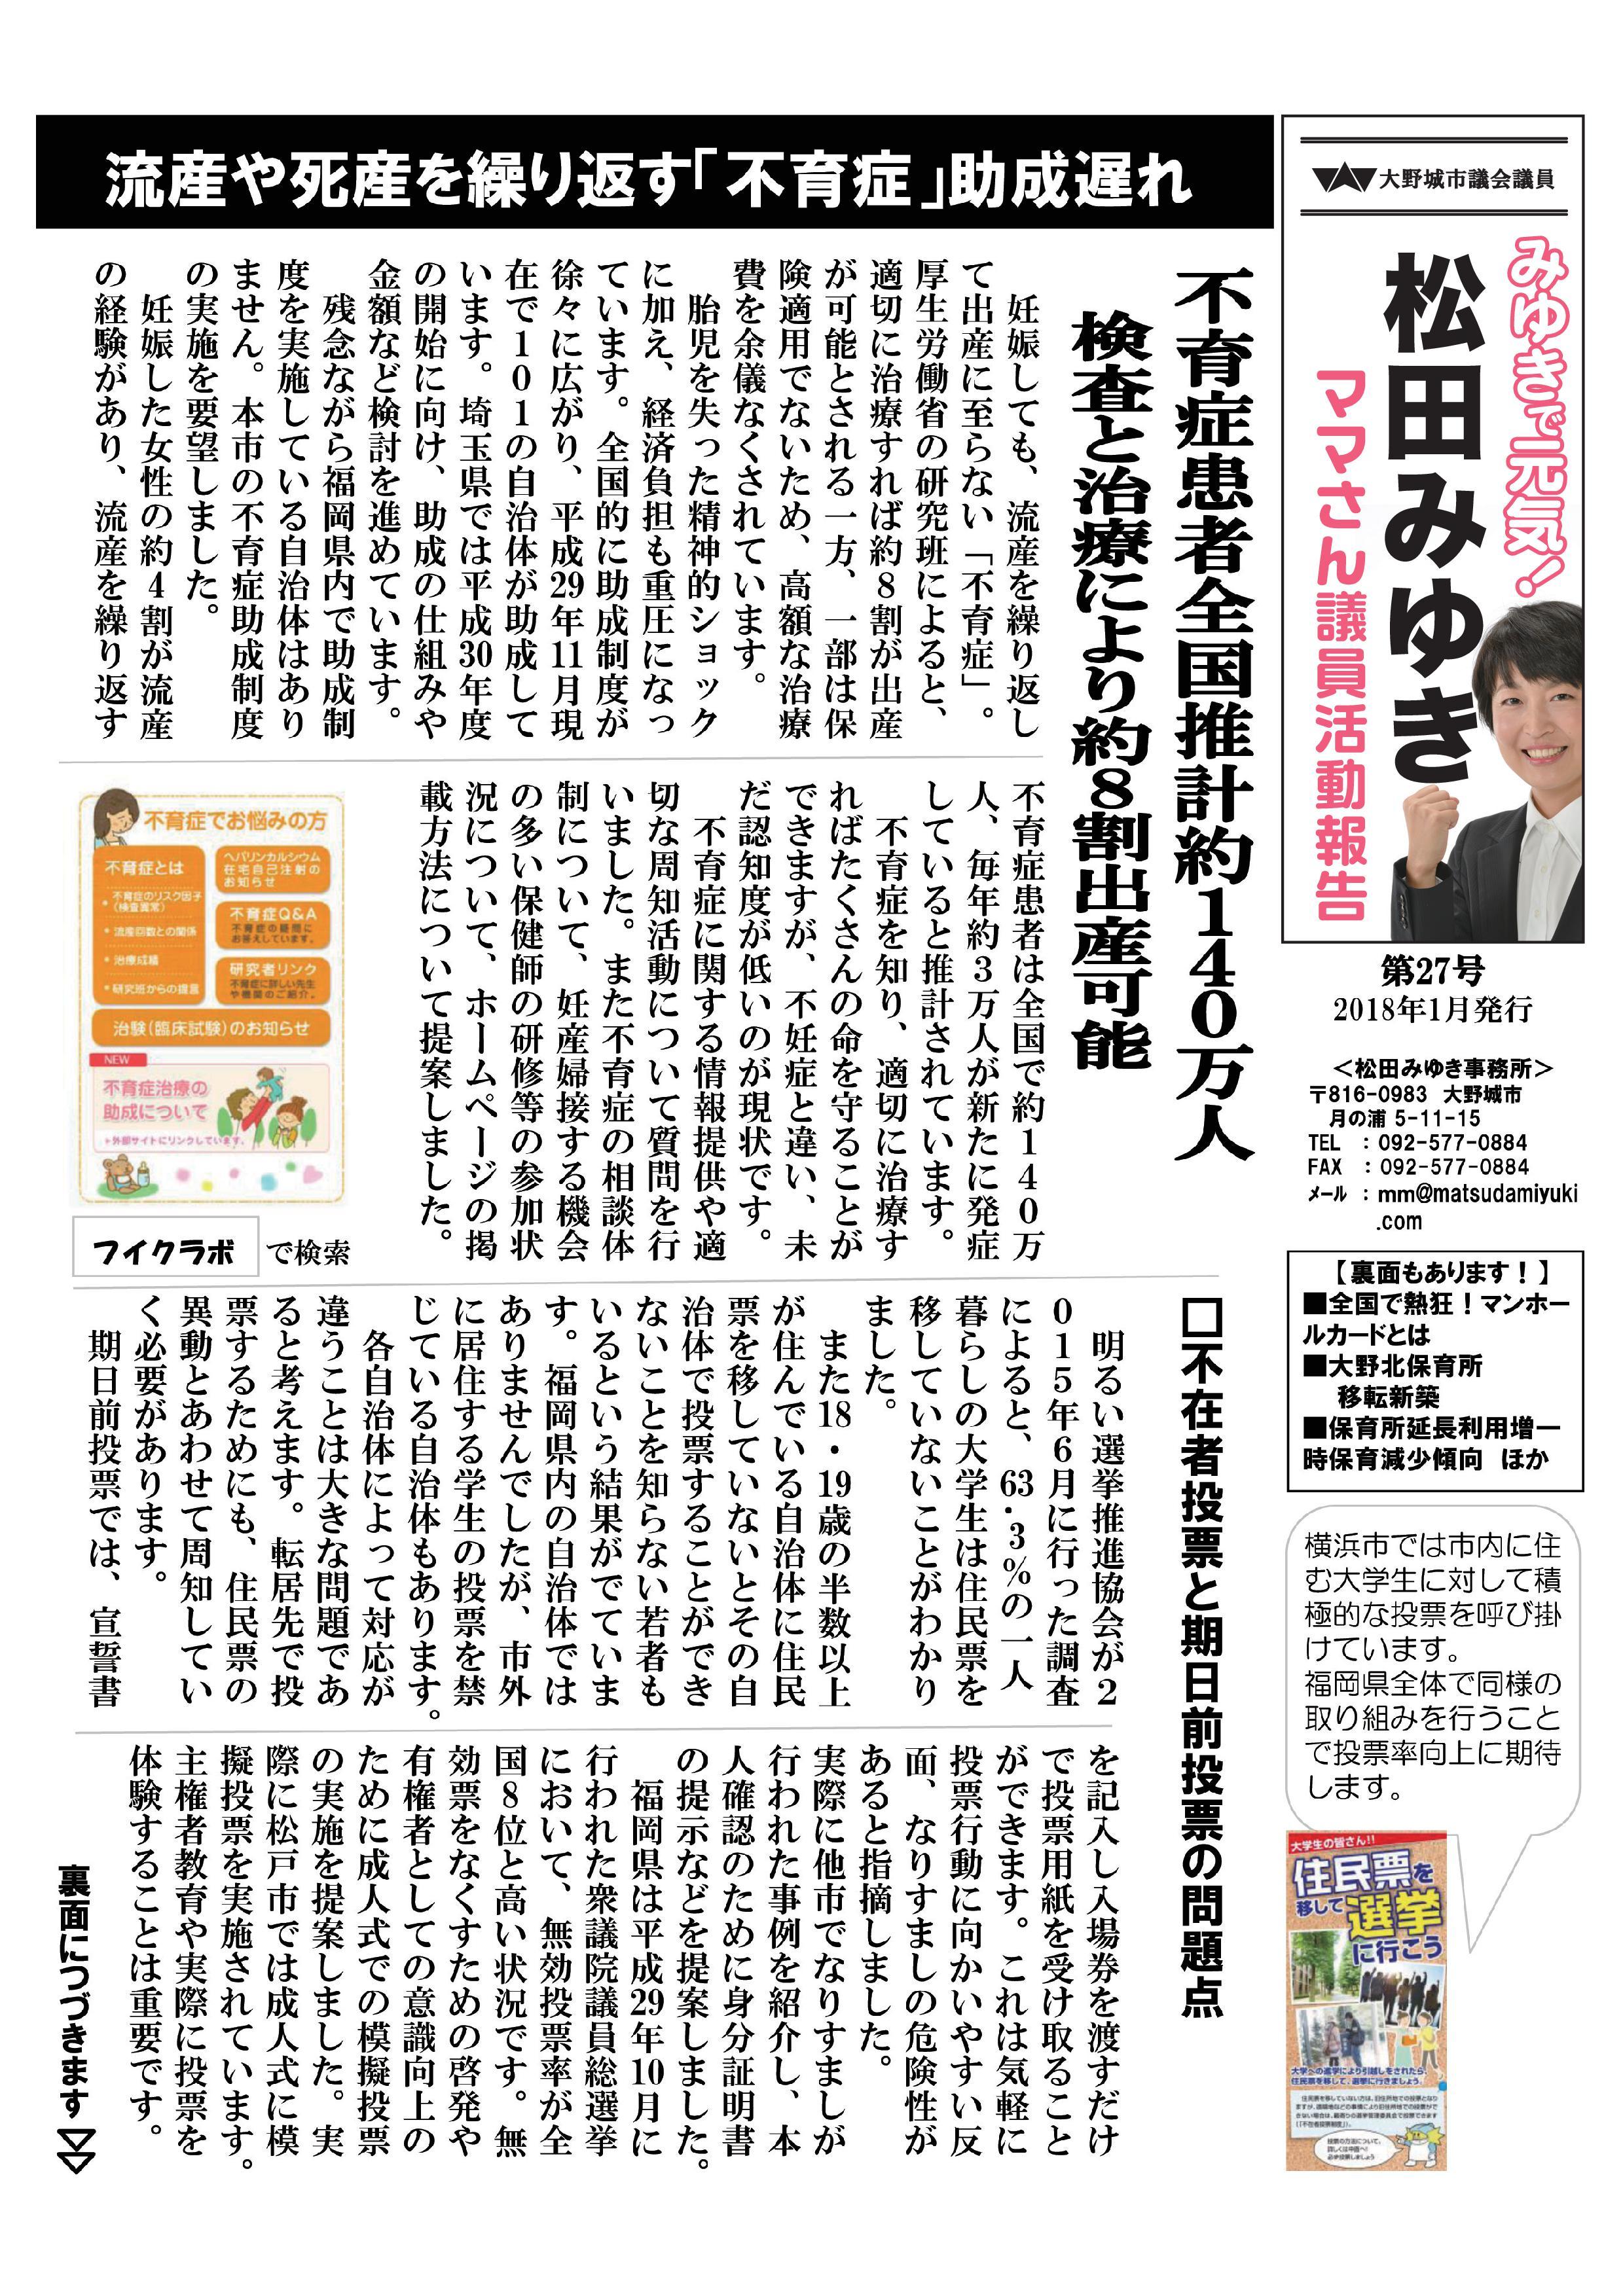 大野城市議会議員 松田みゆき 市政報告 第27号 01